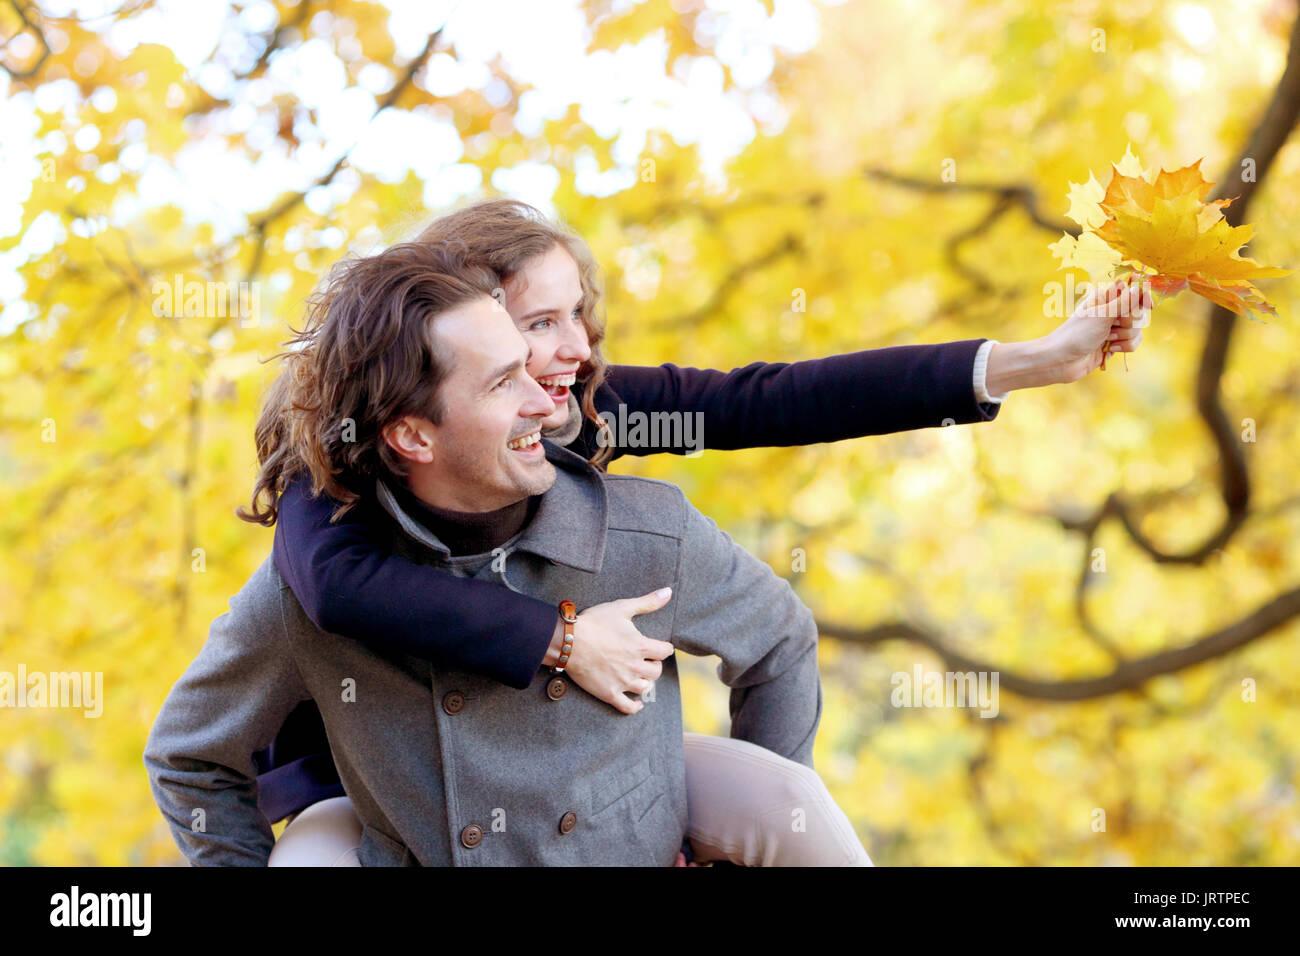 El amor, las relaciones, la temporada y el concepto de pueblo - feliz pareja joven divirtiéndose en otoño park piggyback ride Imagen De Stock